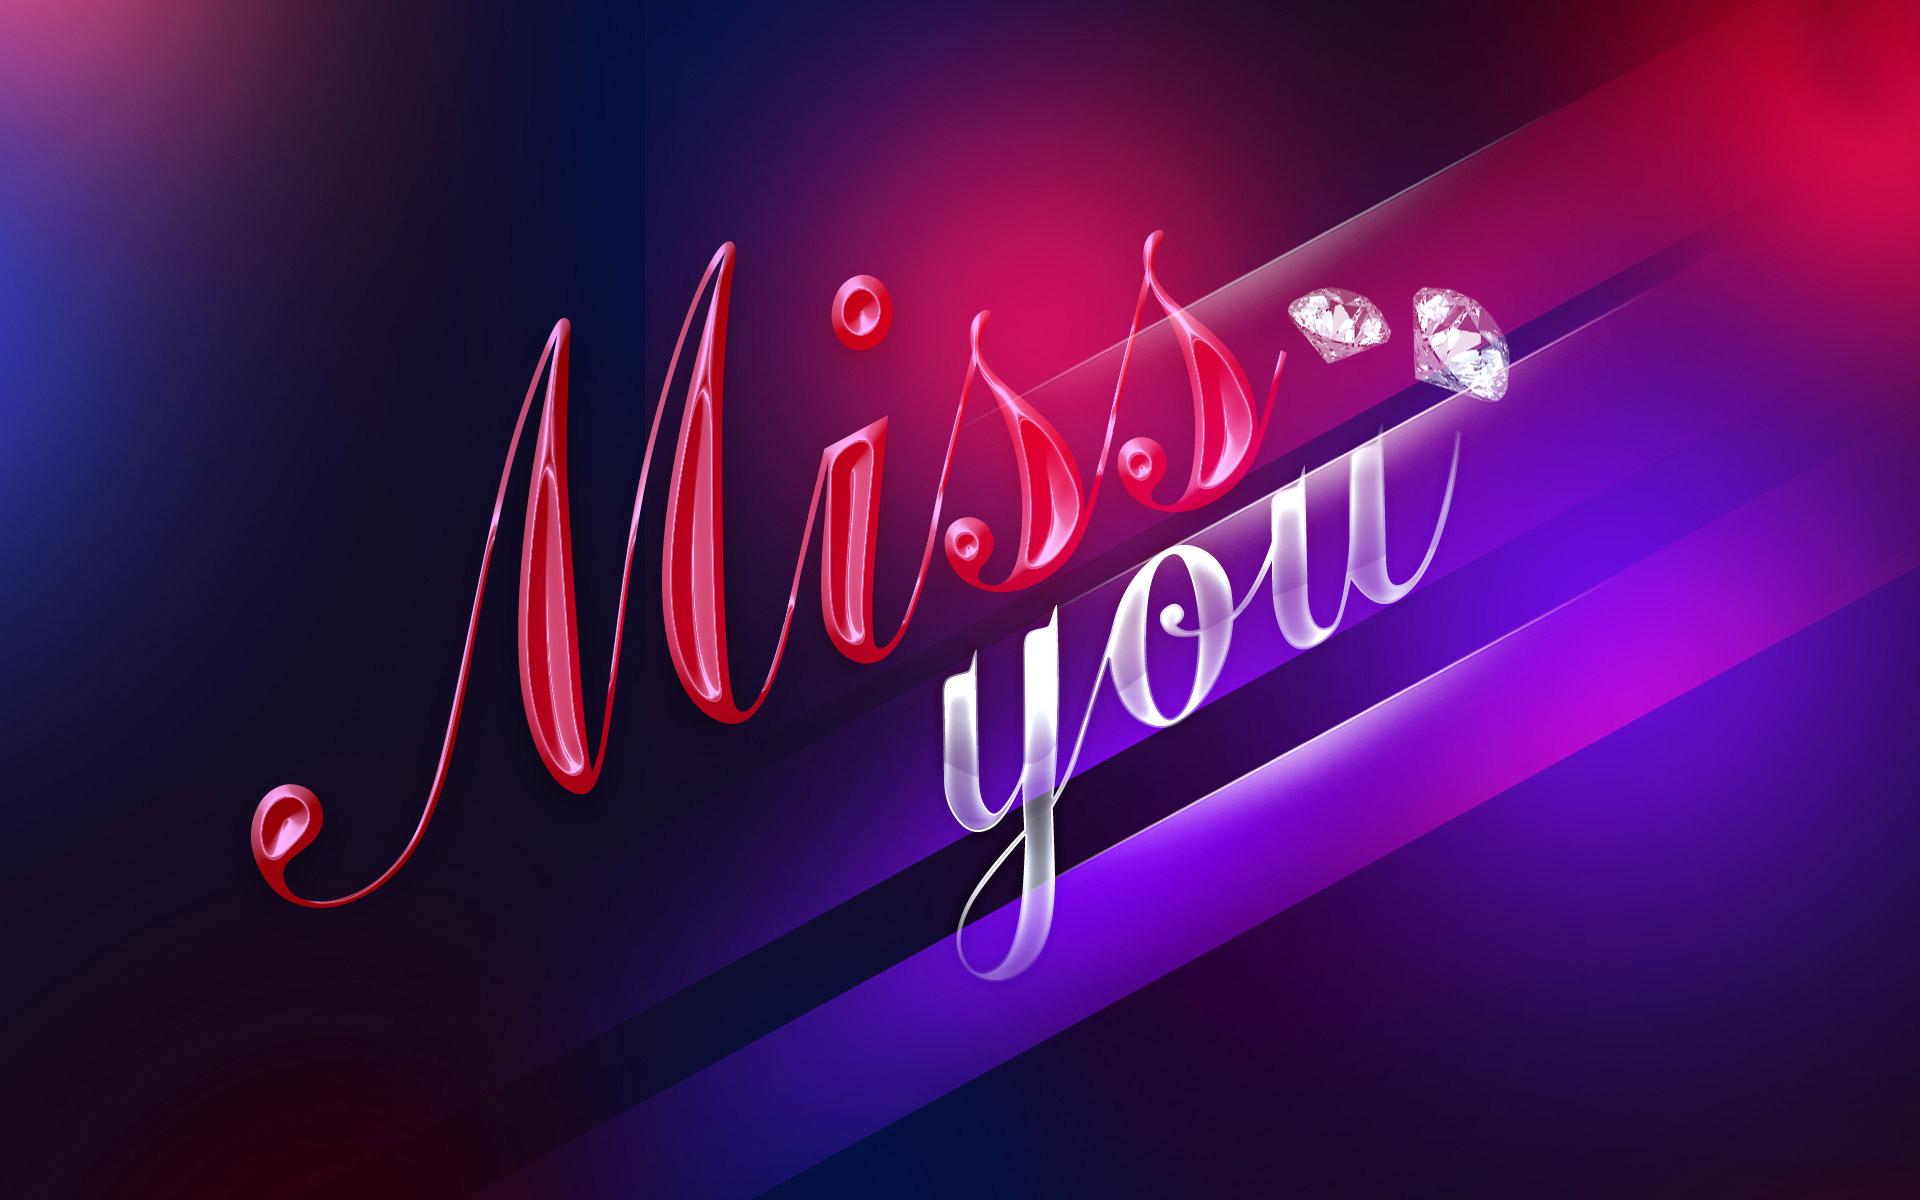 I Miss You Boy Wallpaper Hd I Miss You Wallpaper I...